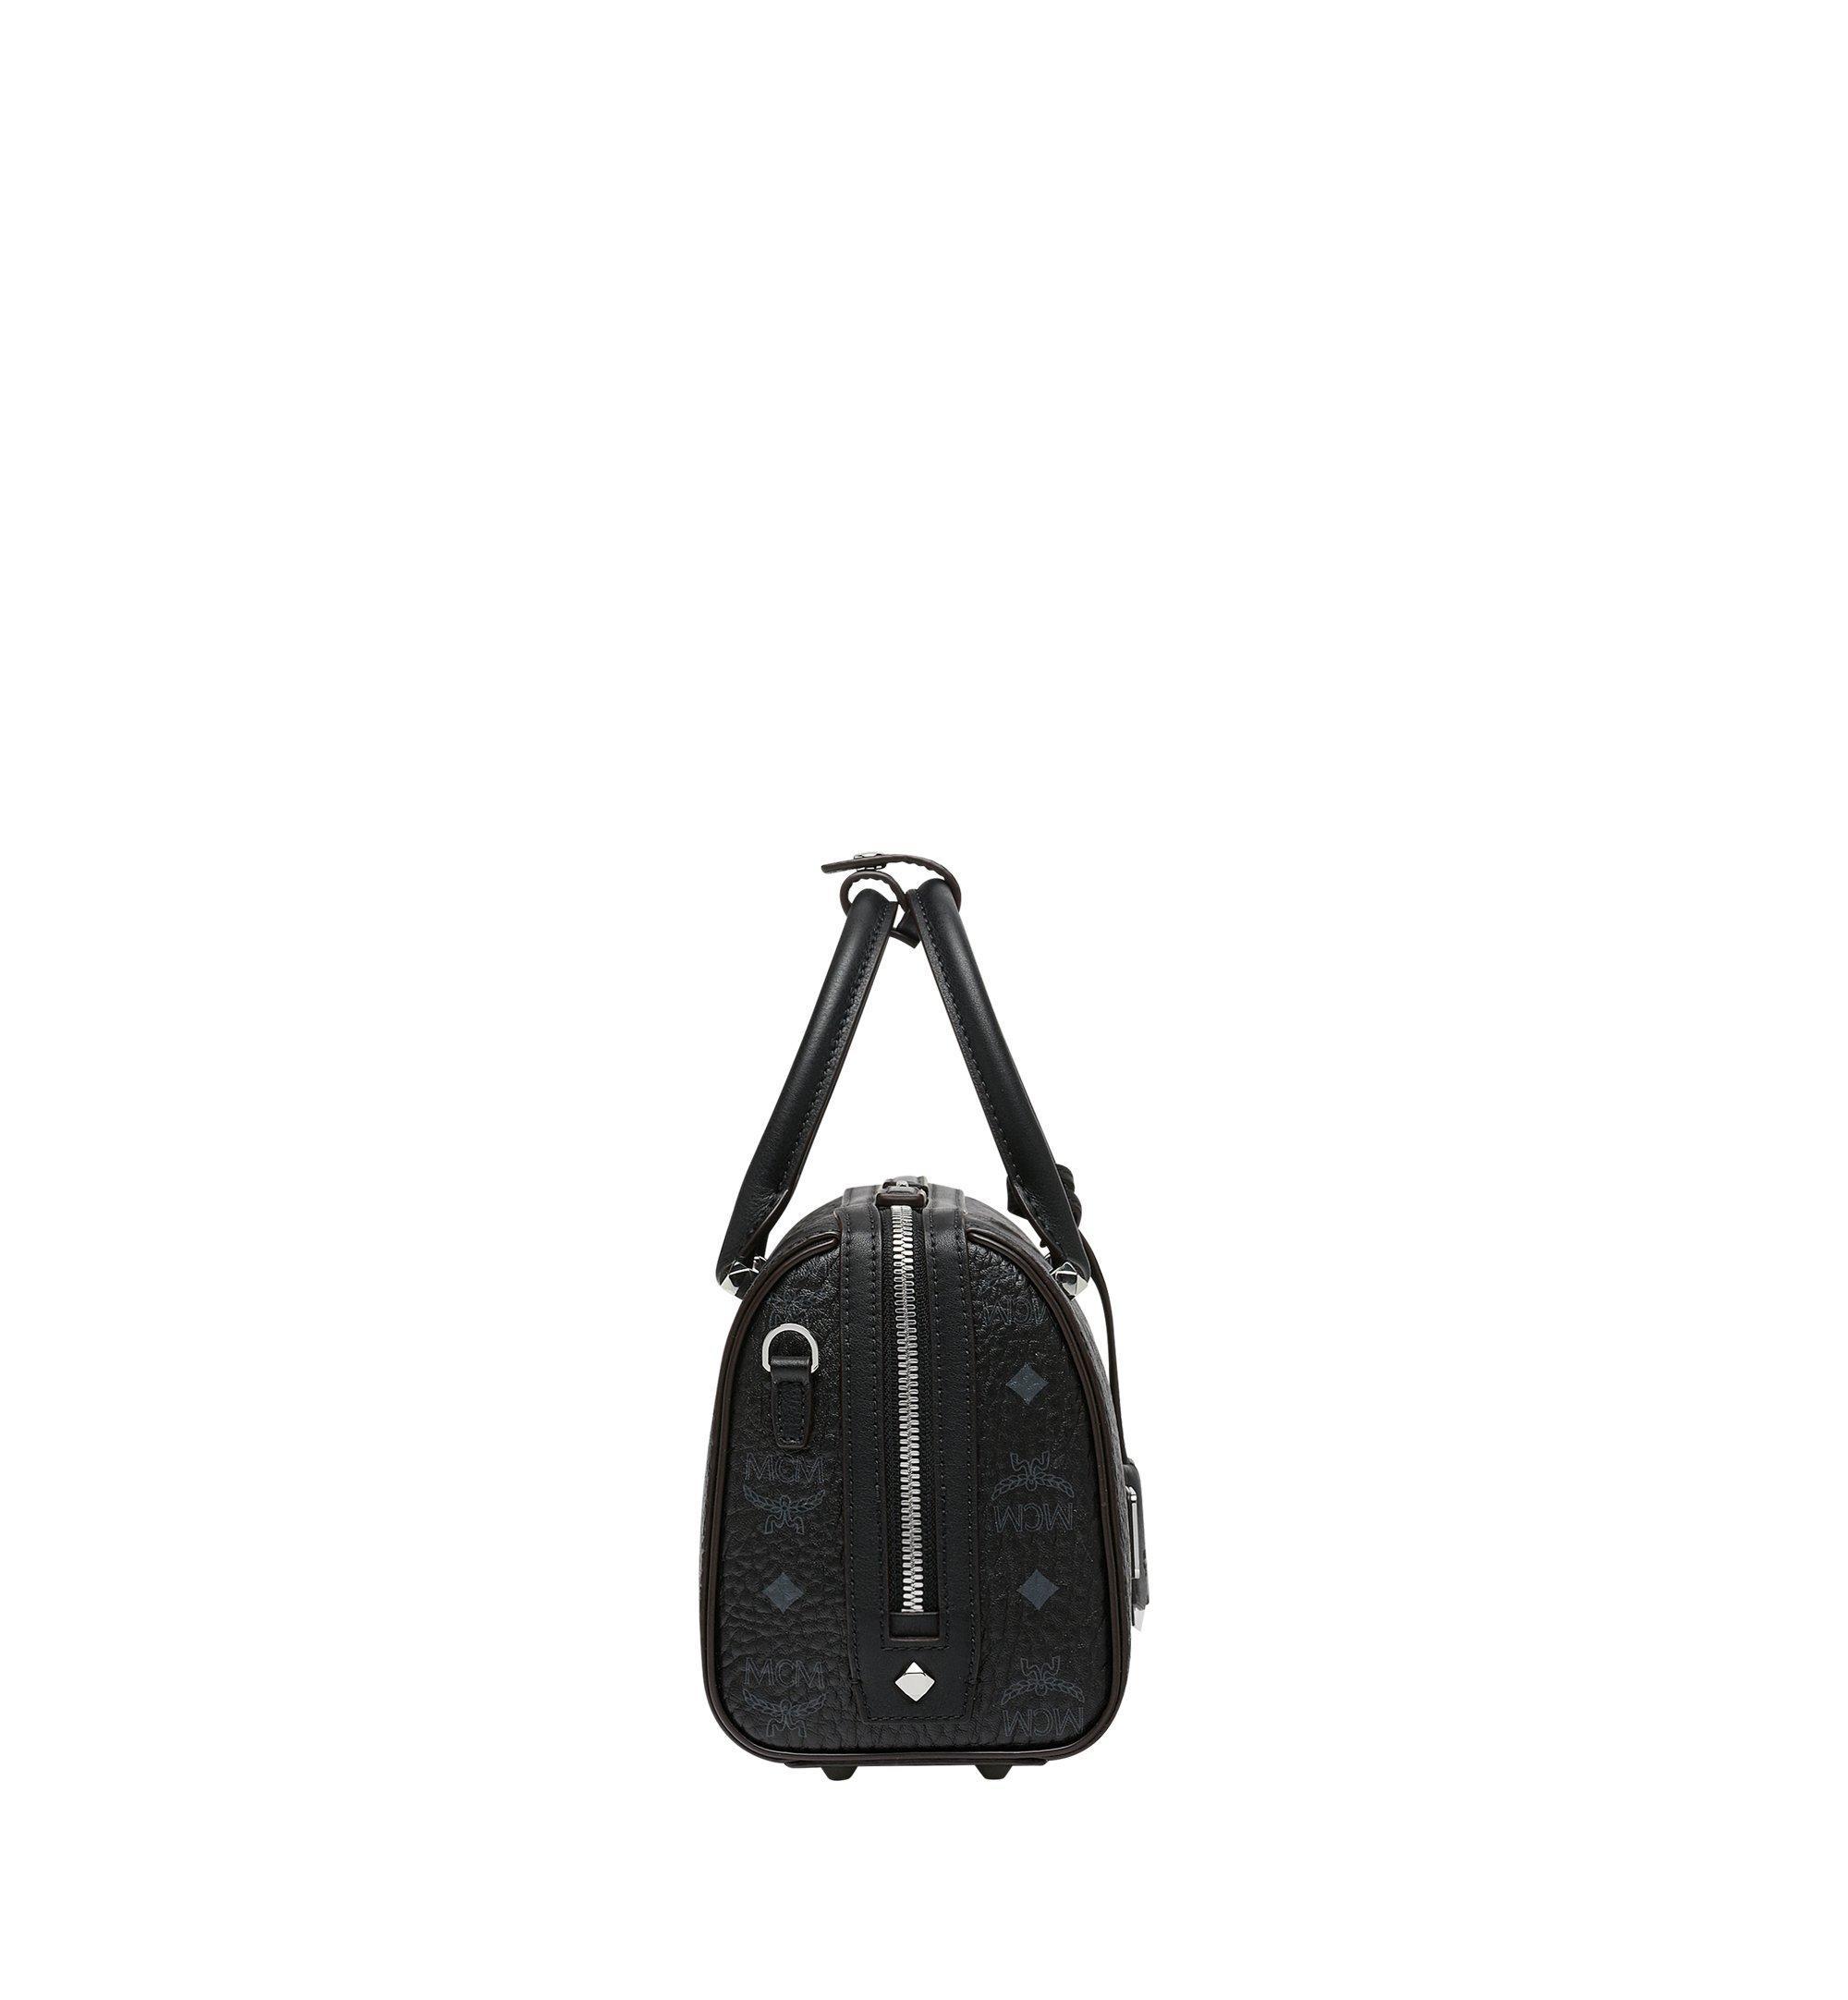 MCM Essential Boston-Tasche in Visetos Black MWB9SSE67BK001 Noch mehr sehen 2